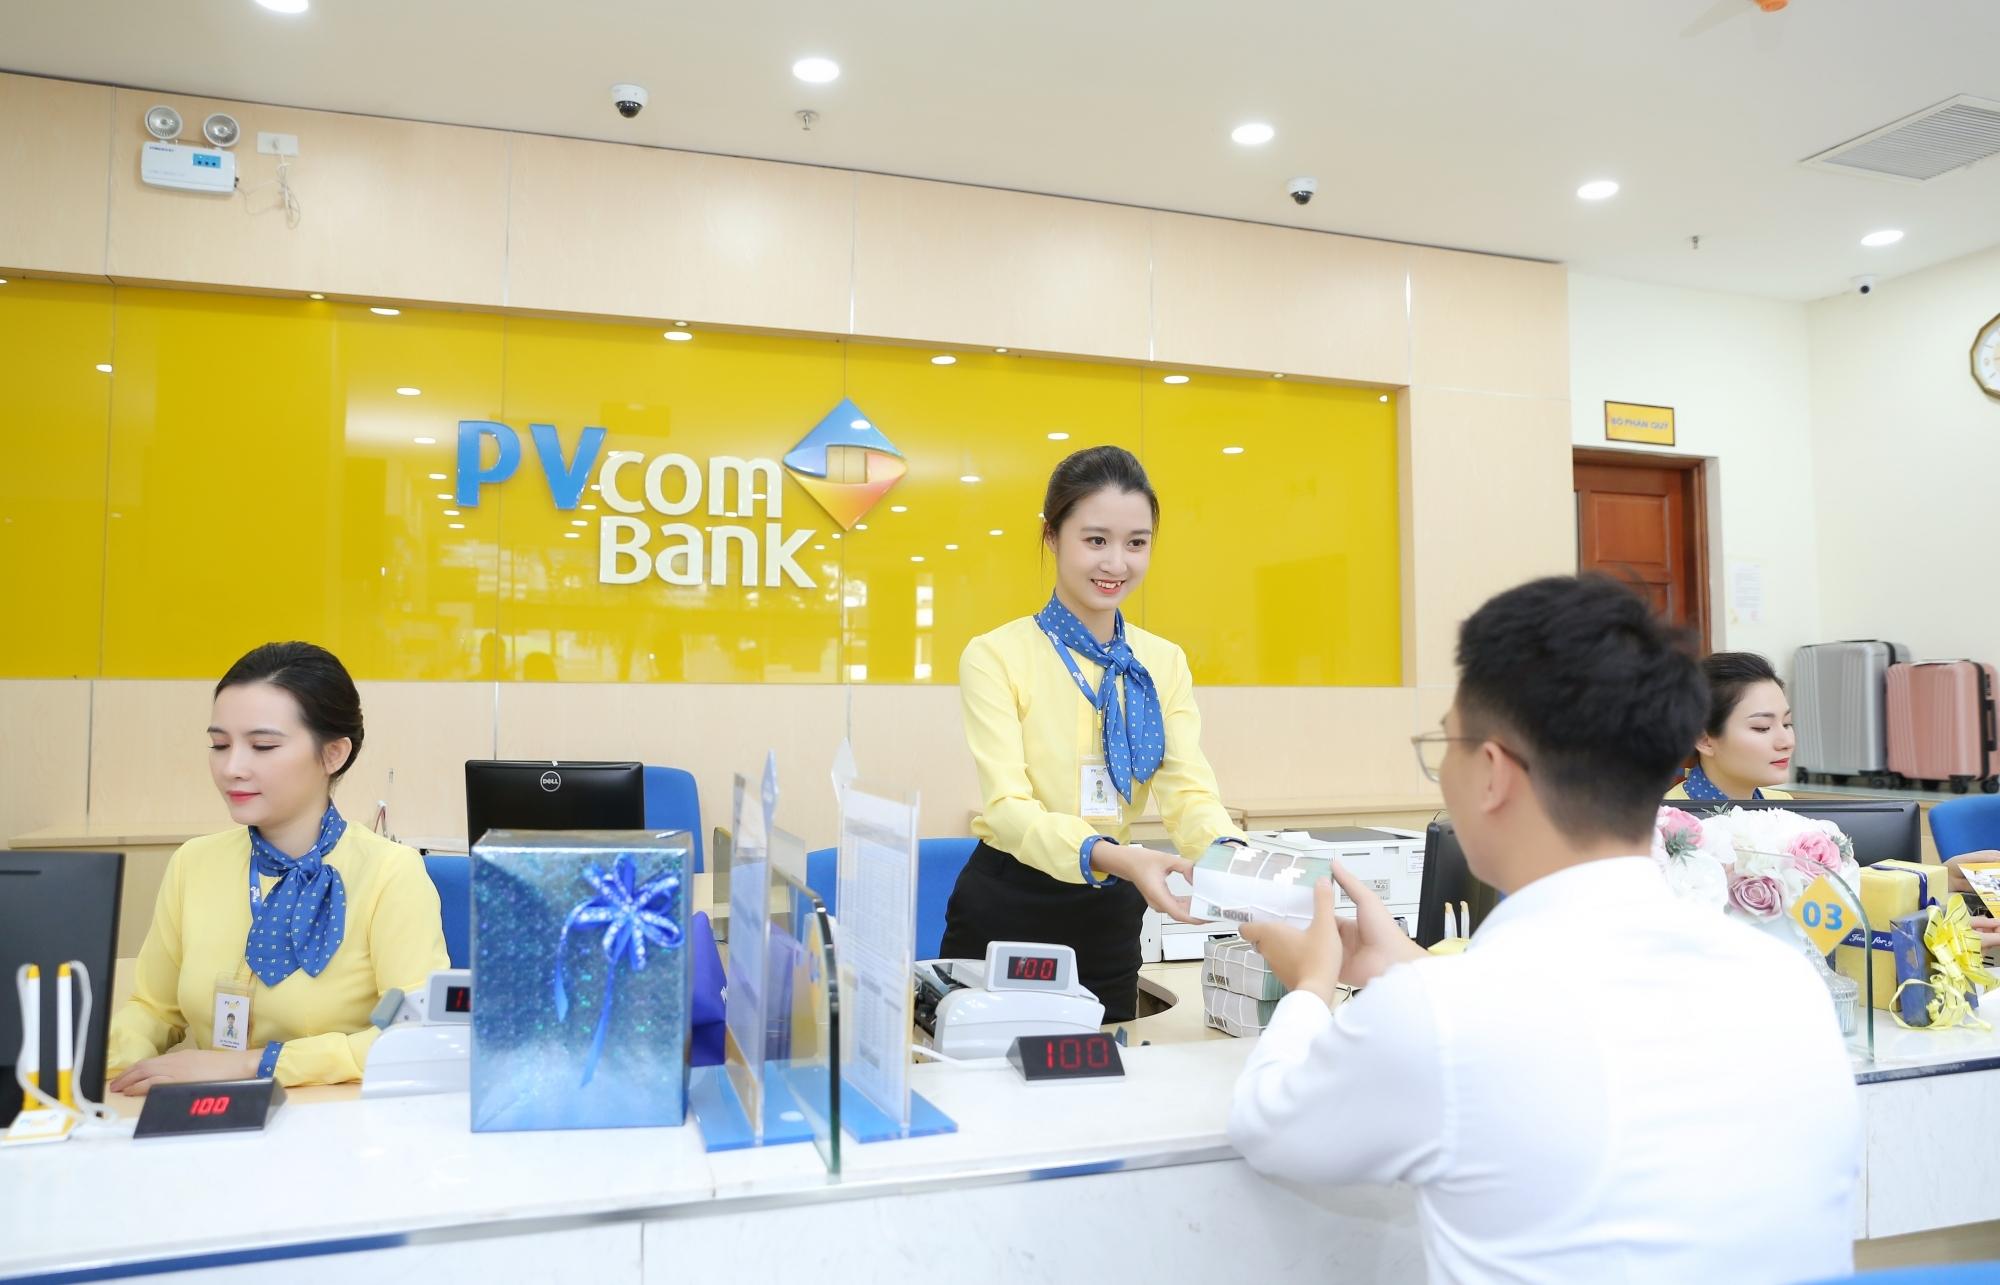 Mua sắm hè, hưởng ưu đãi lớn với thẻ PVcomBank Mastercard